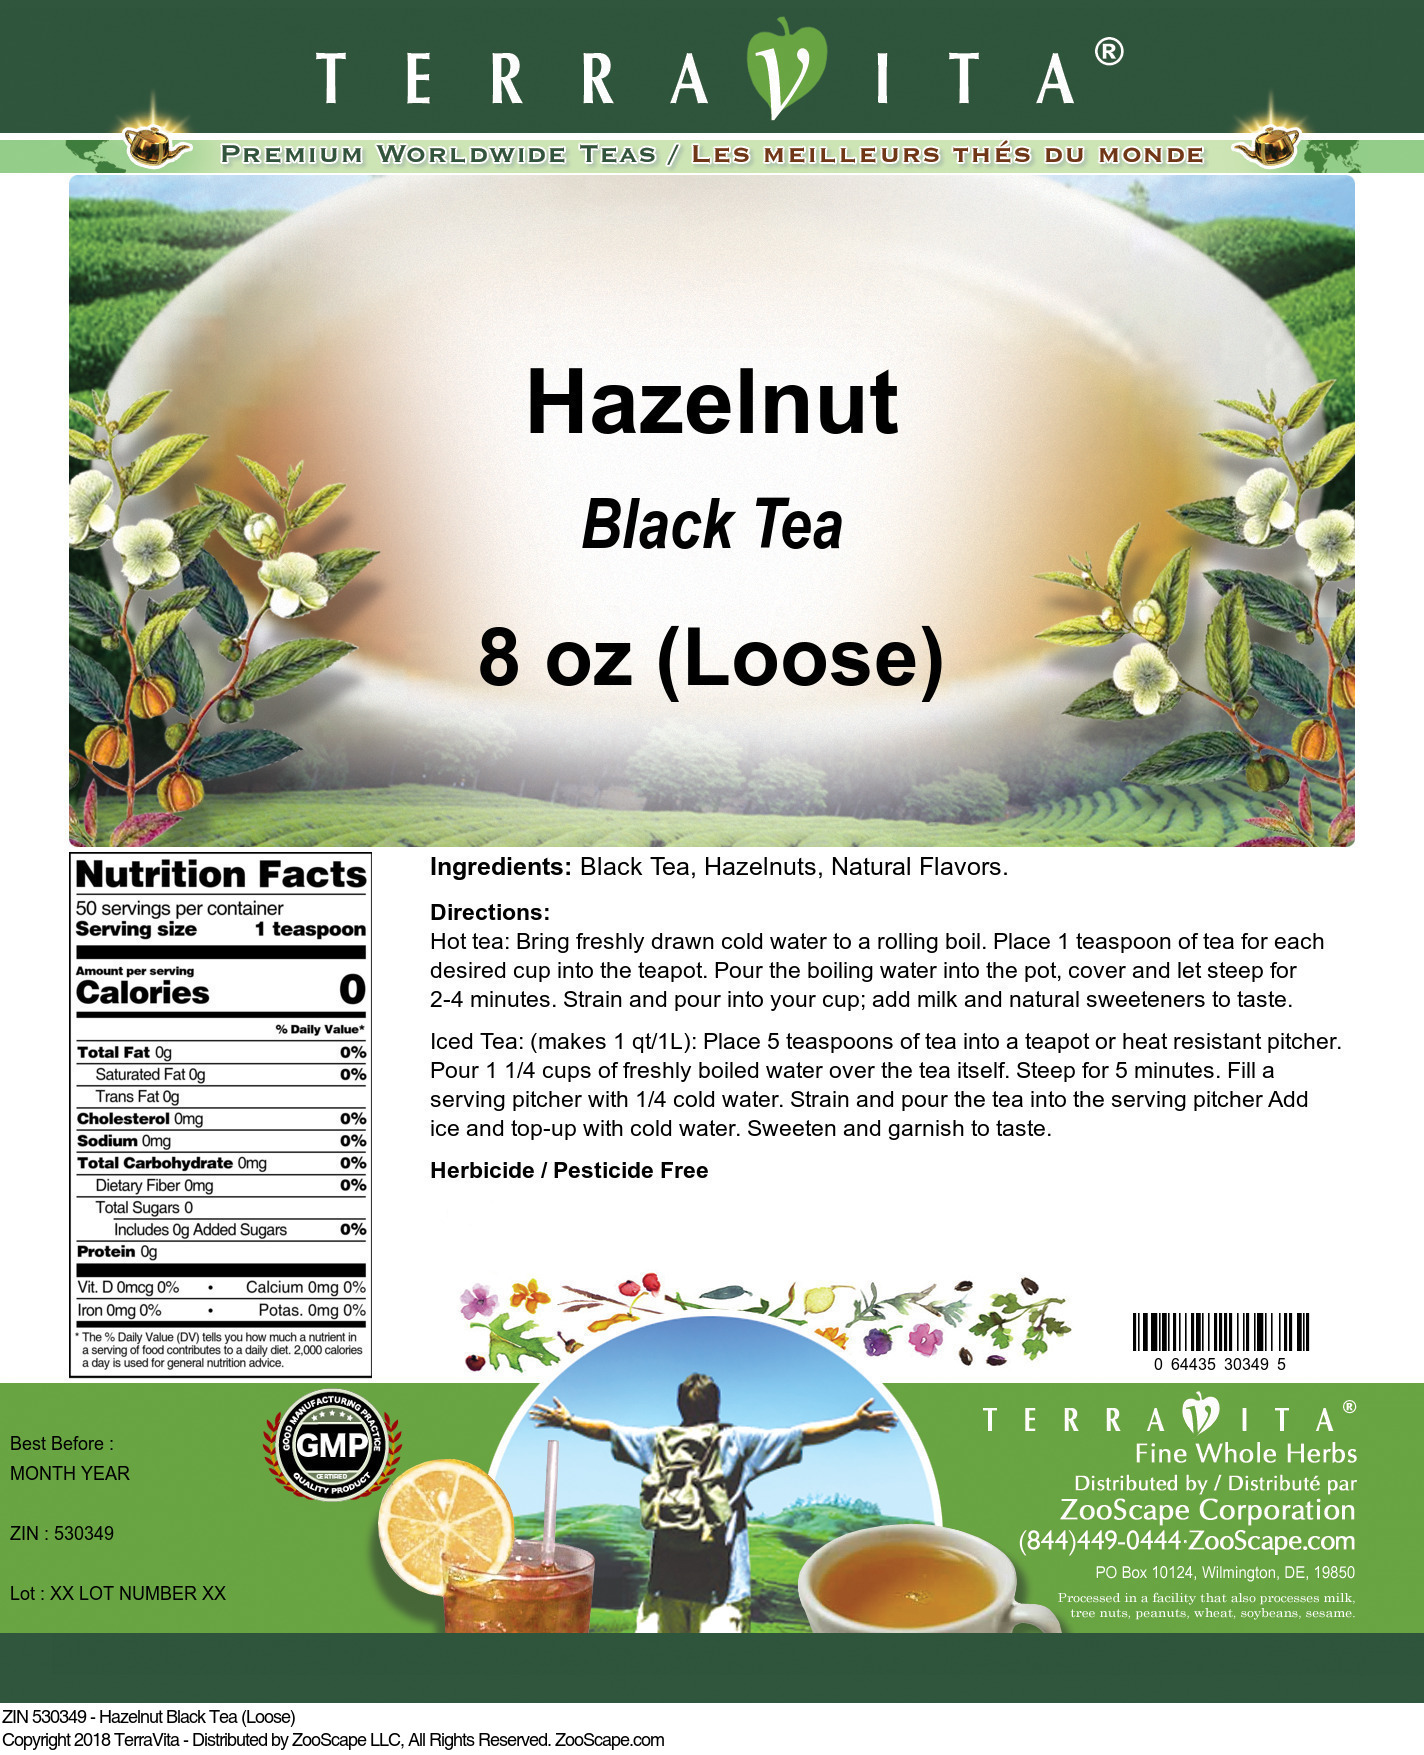 Hazelnut Black Tea (Loose)